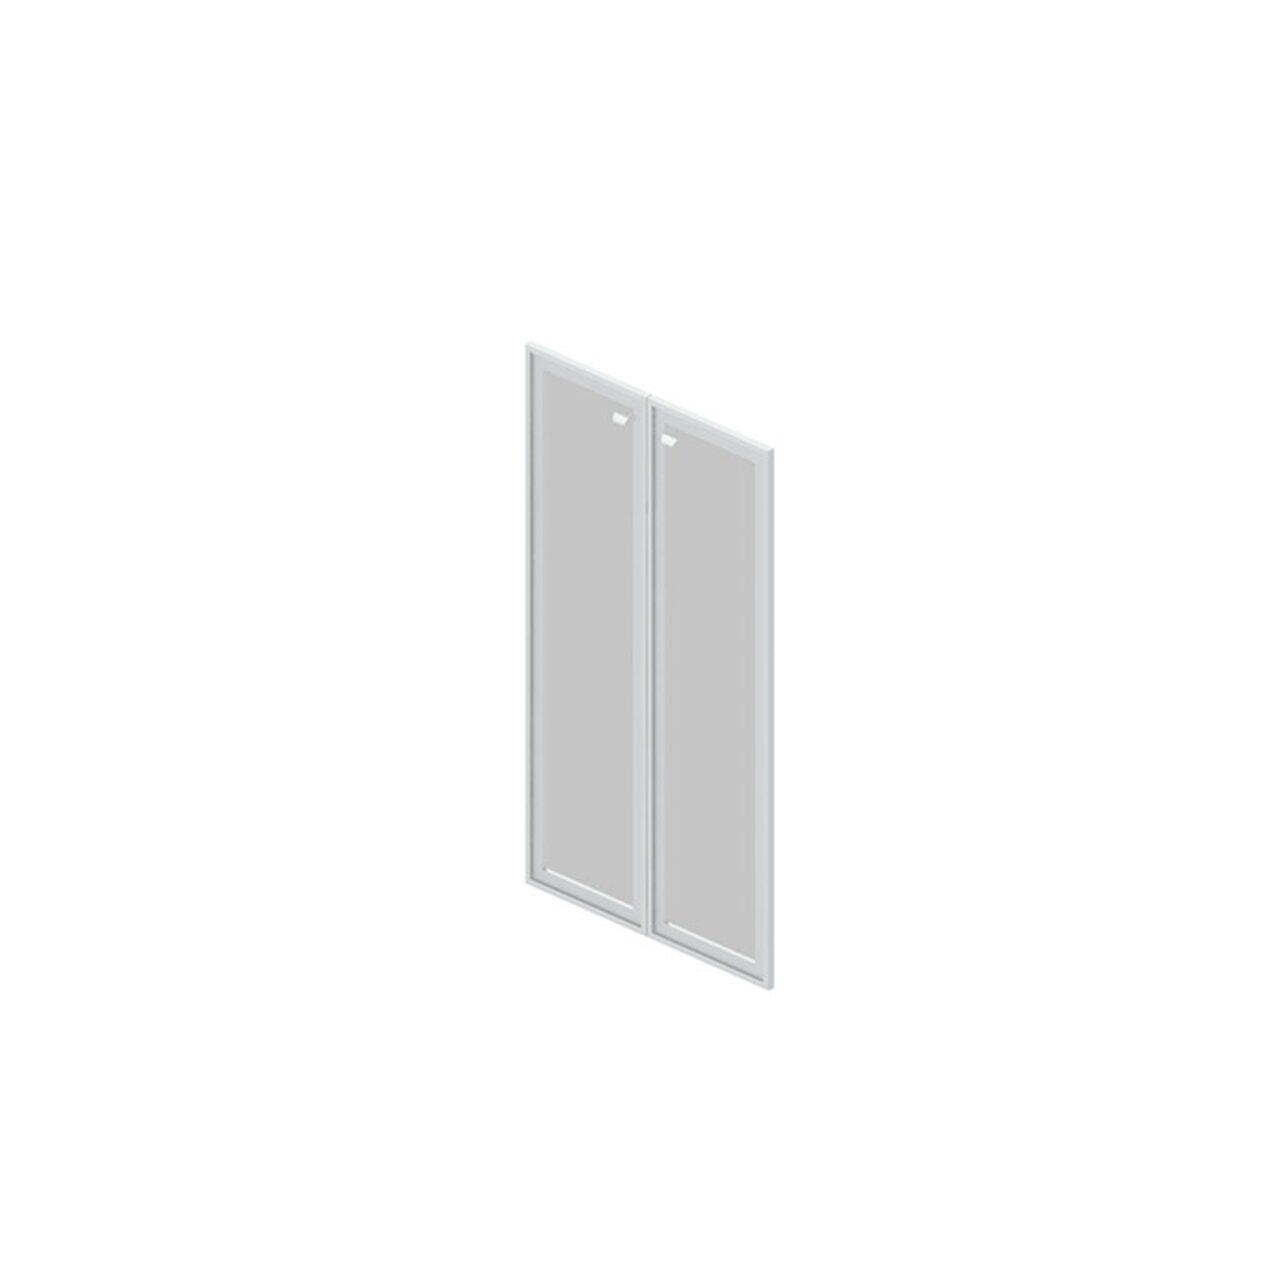 Двери стеклянные в рамке  Gamma (Гамма) 80x2x70 - фото 1